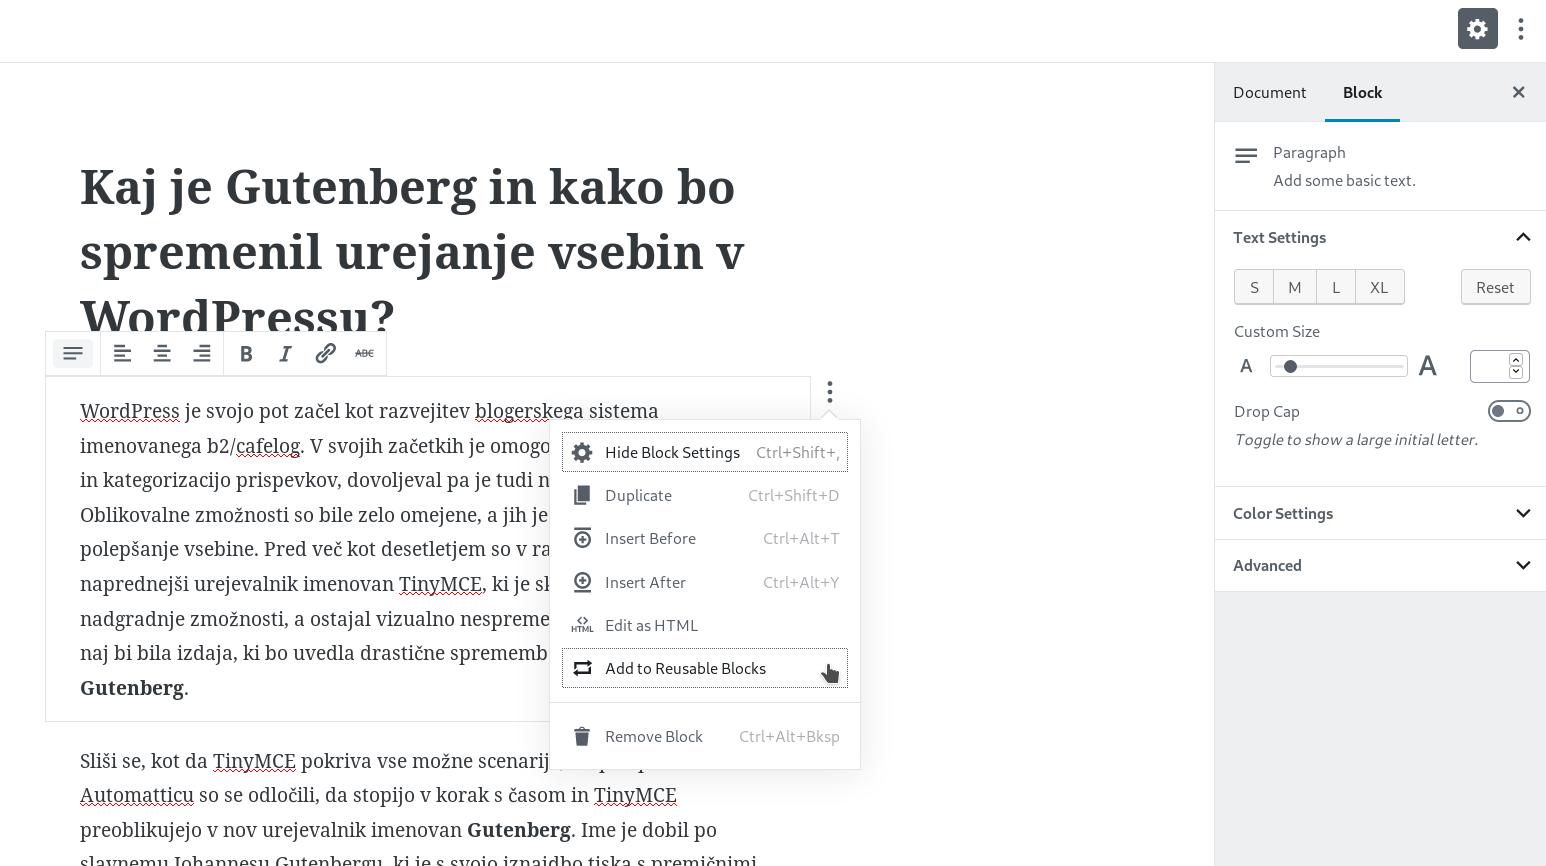 Urejevalnik Gutenberg